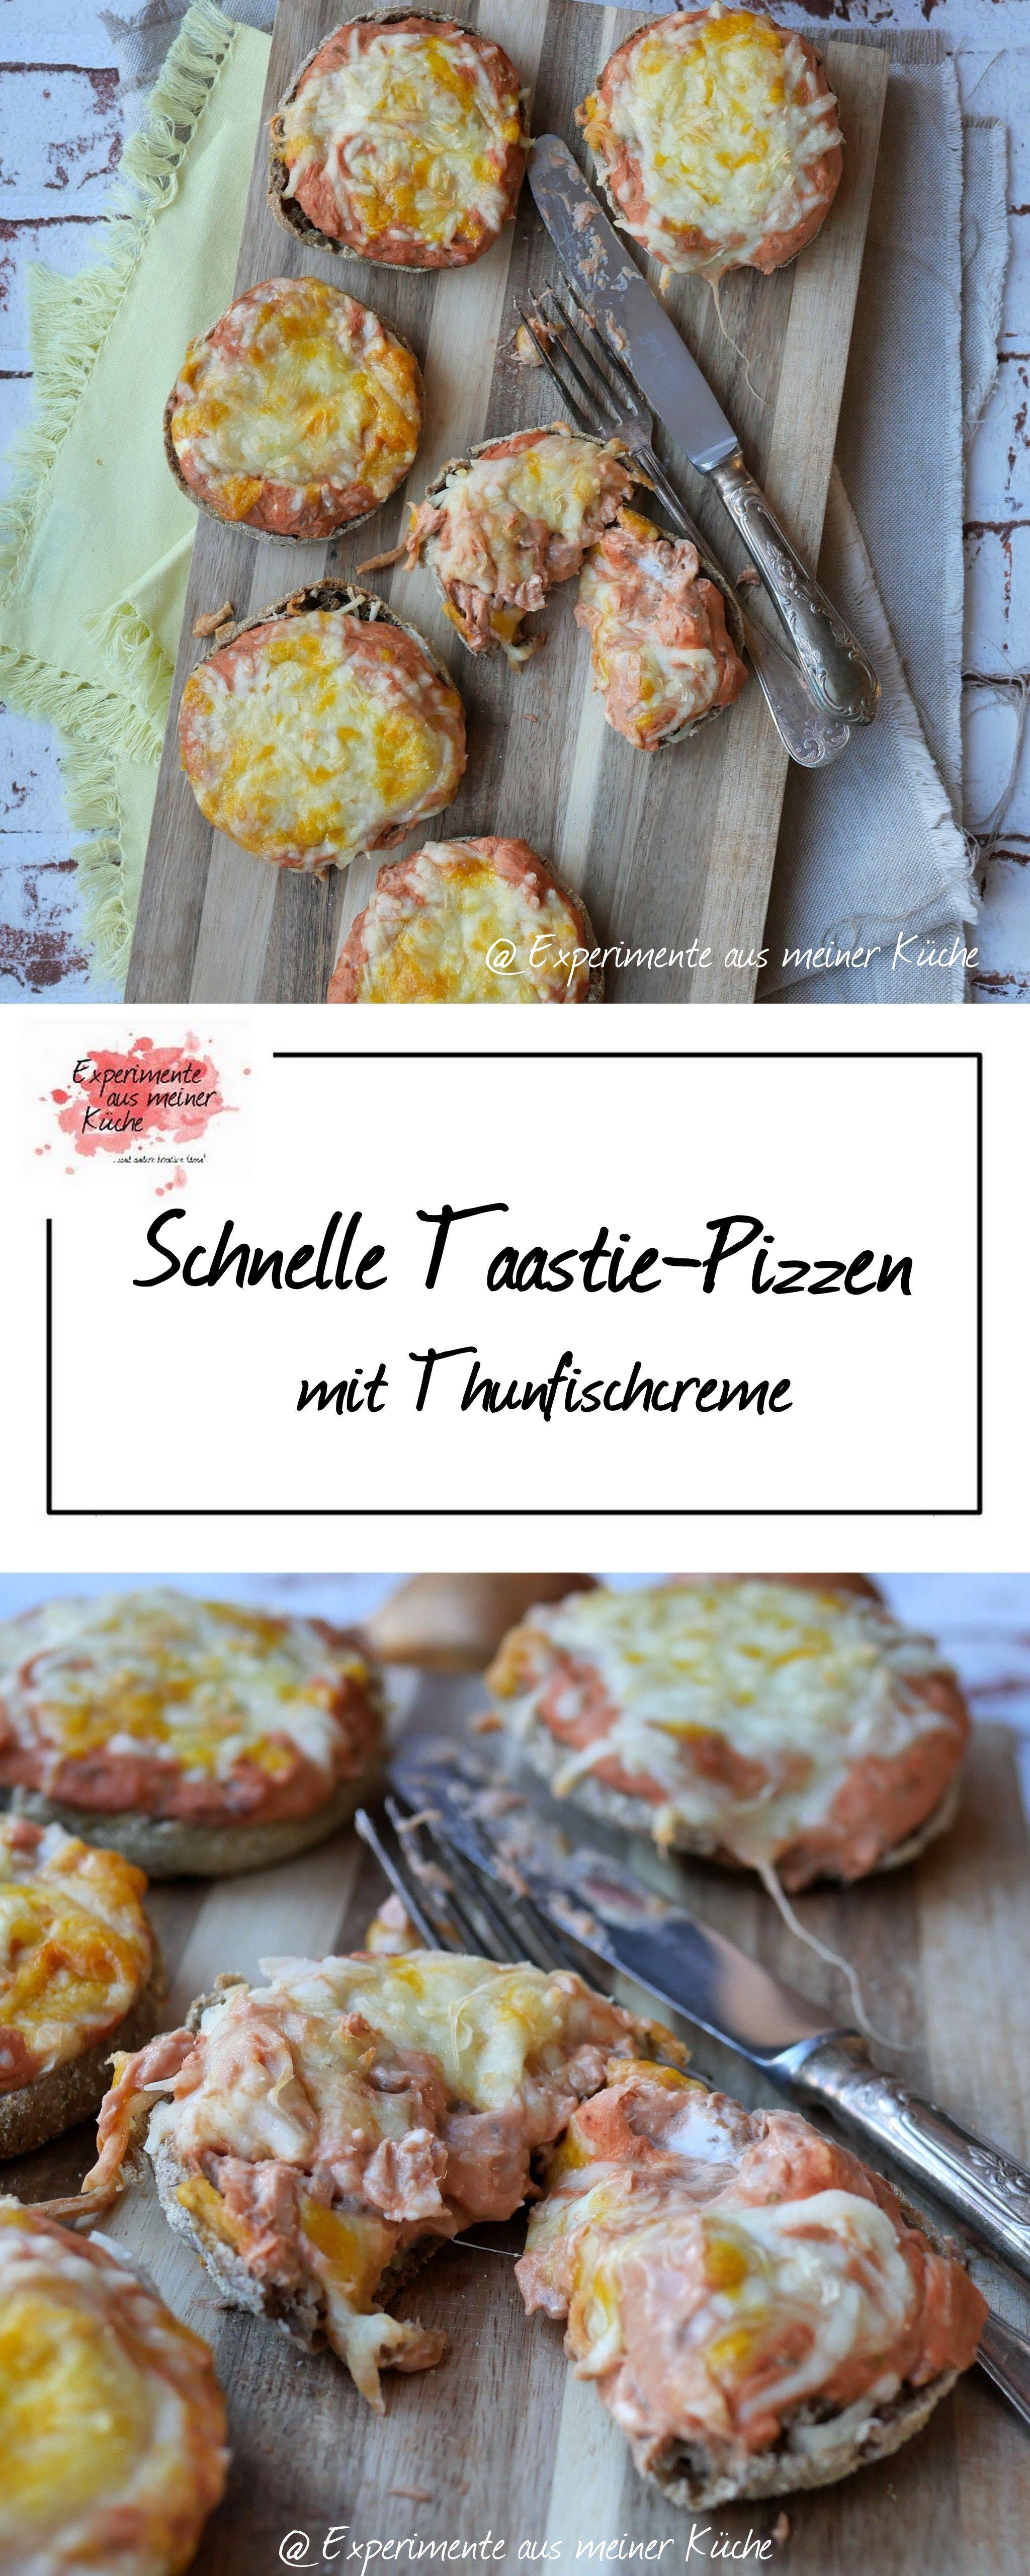 Schnelle Toastie-Pizzen | Experimente aus meiner küche, Pizza und ...